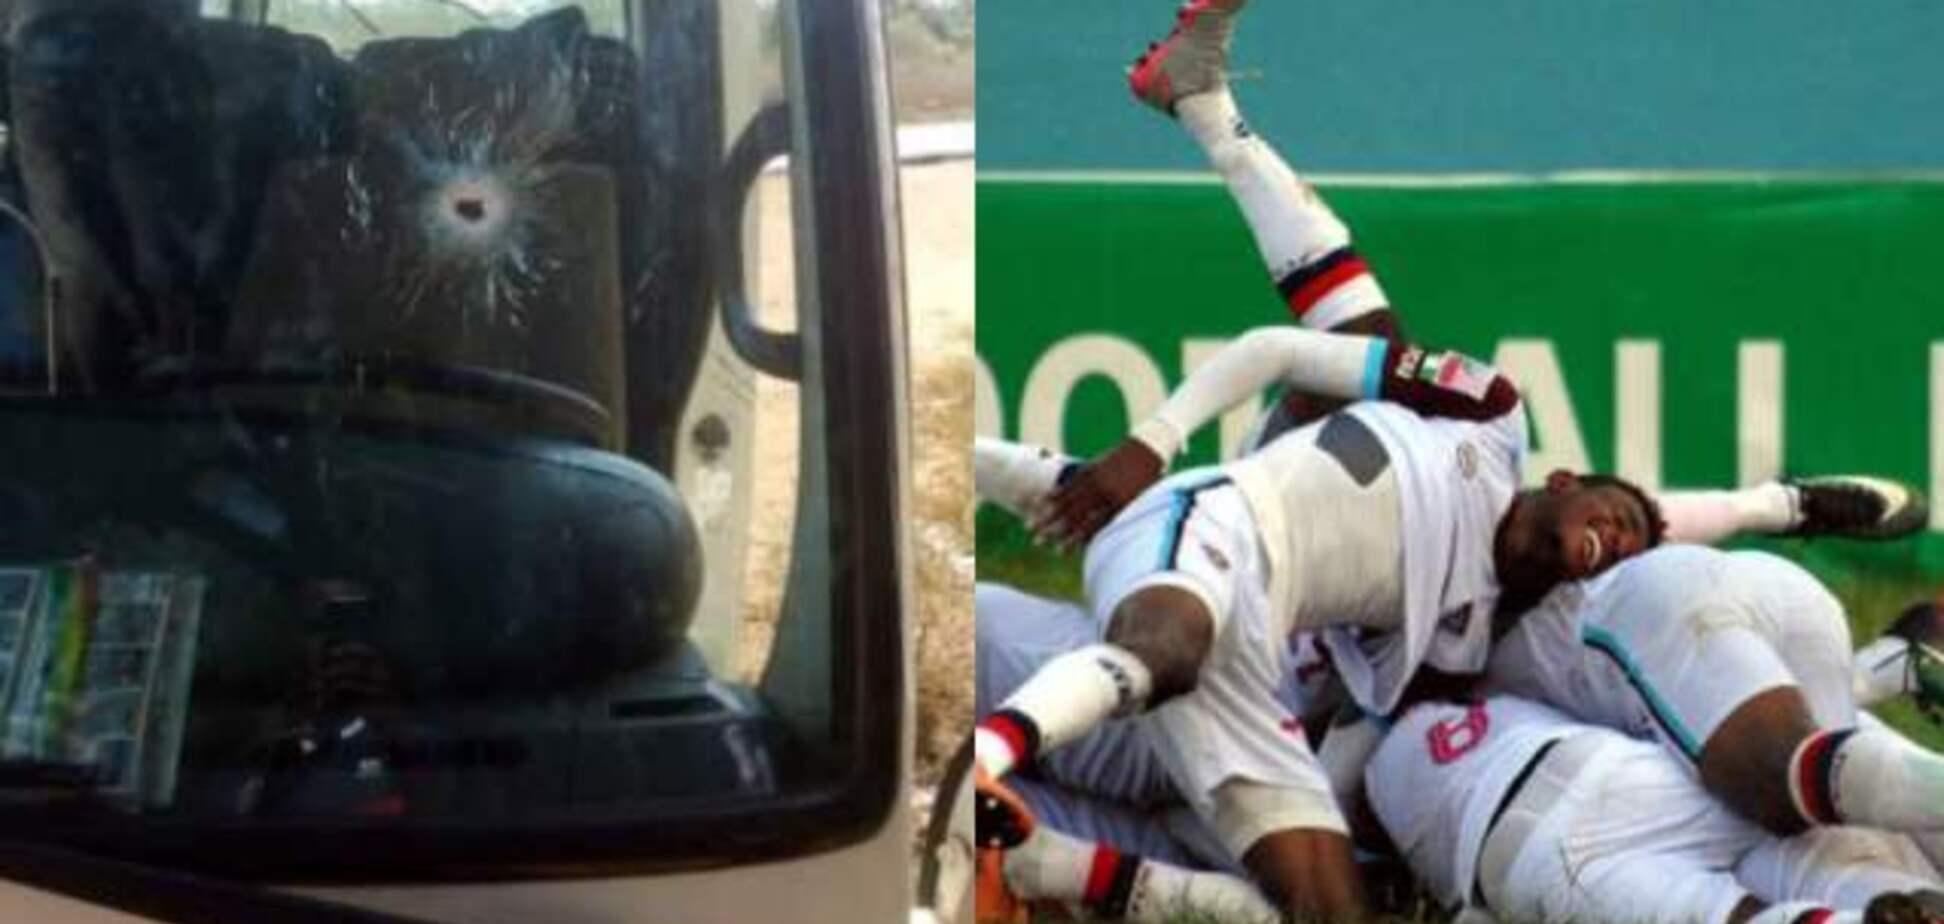 Автобус с футболистами попал под смертельный обстрел